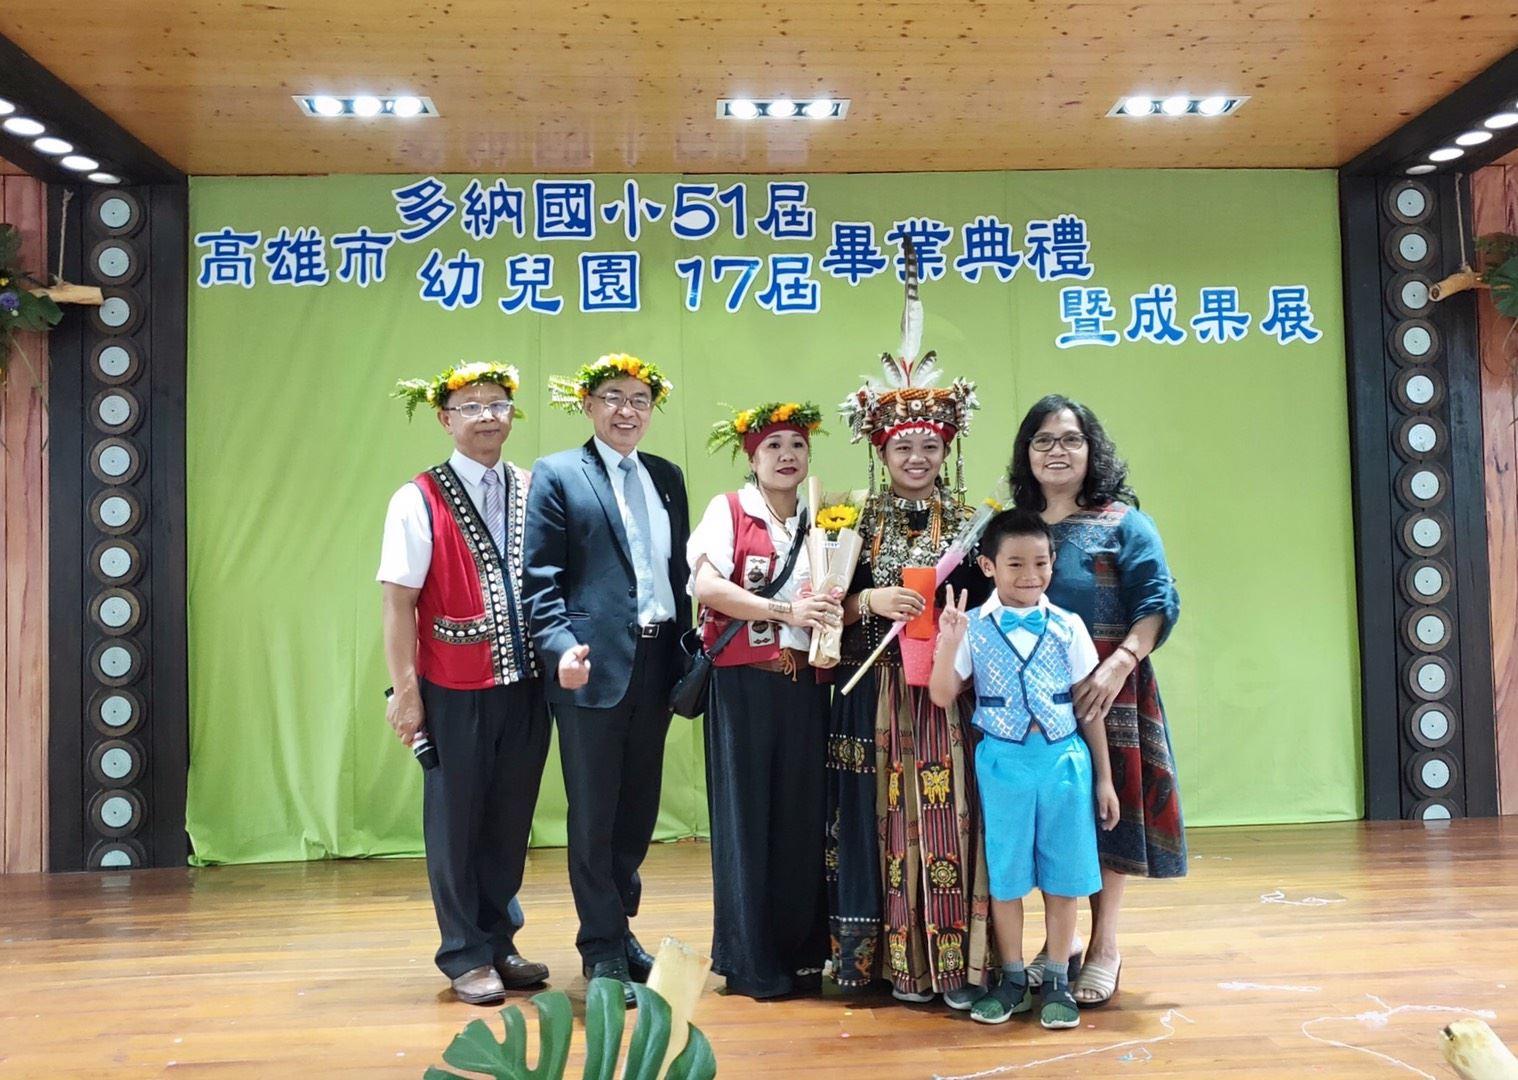 副市長洪東煒(左二)參加多納國小畢業典禮,並與獲得副市長獎學生及家長老師合影.jpg